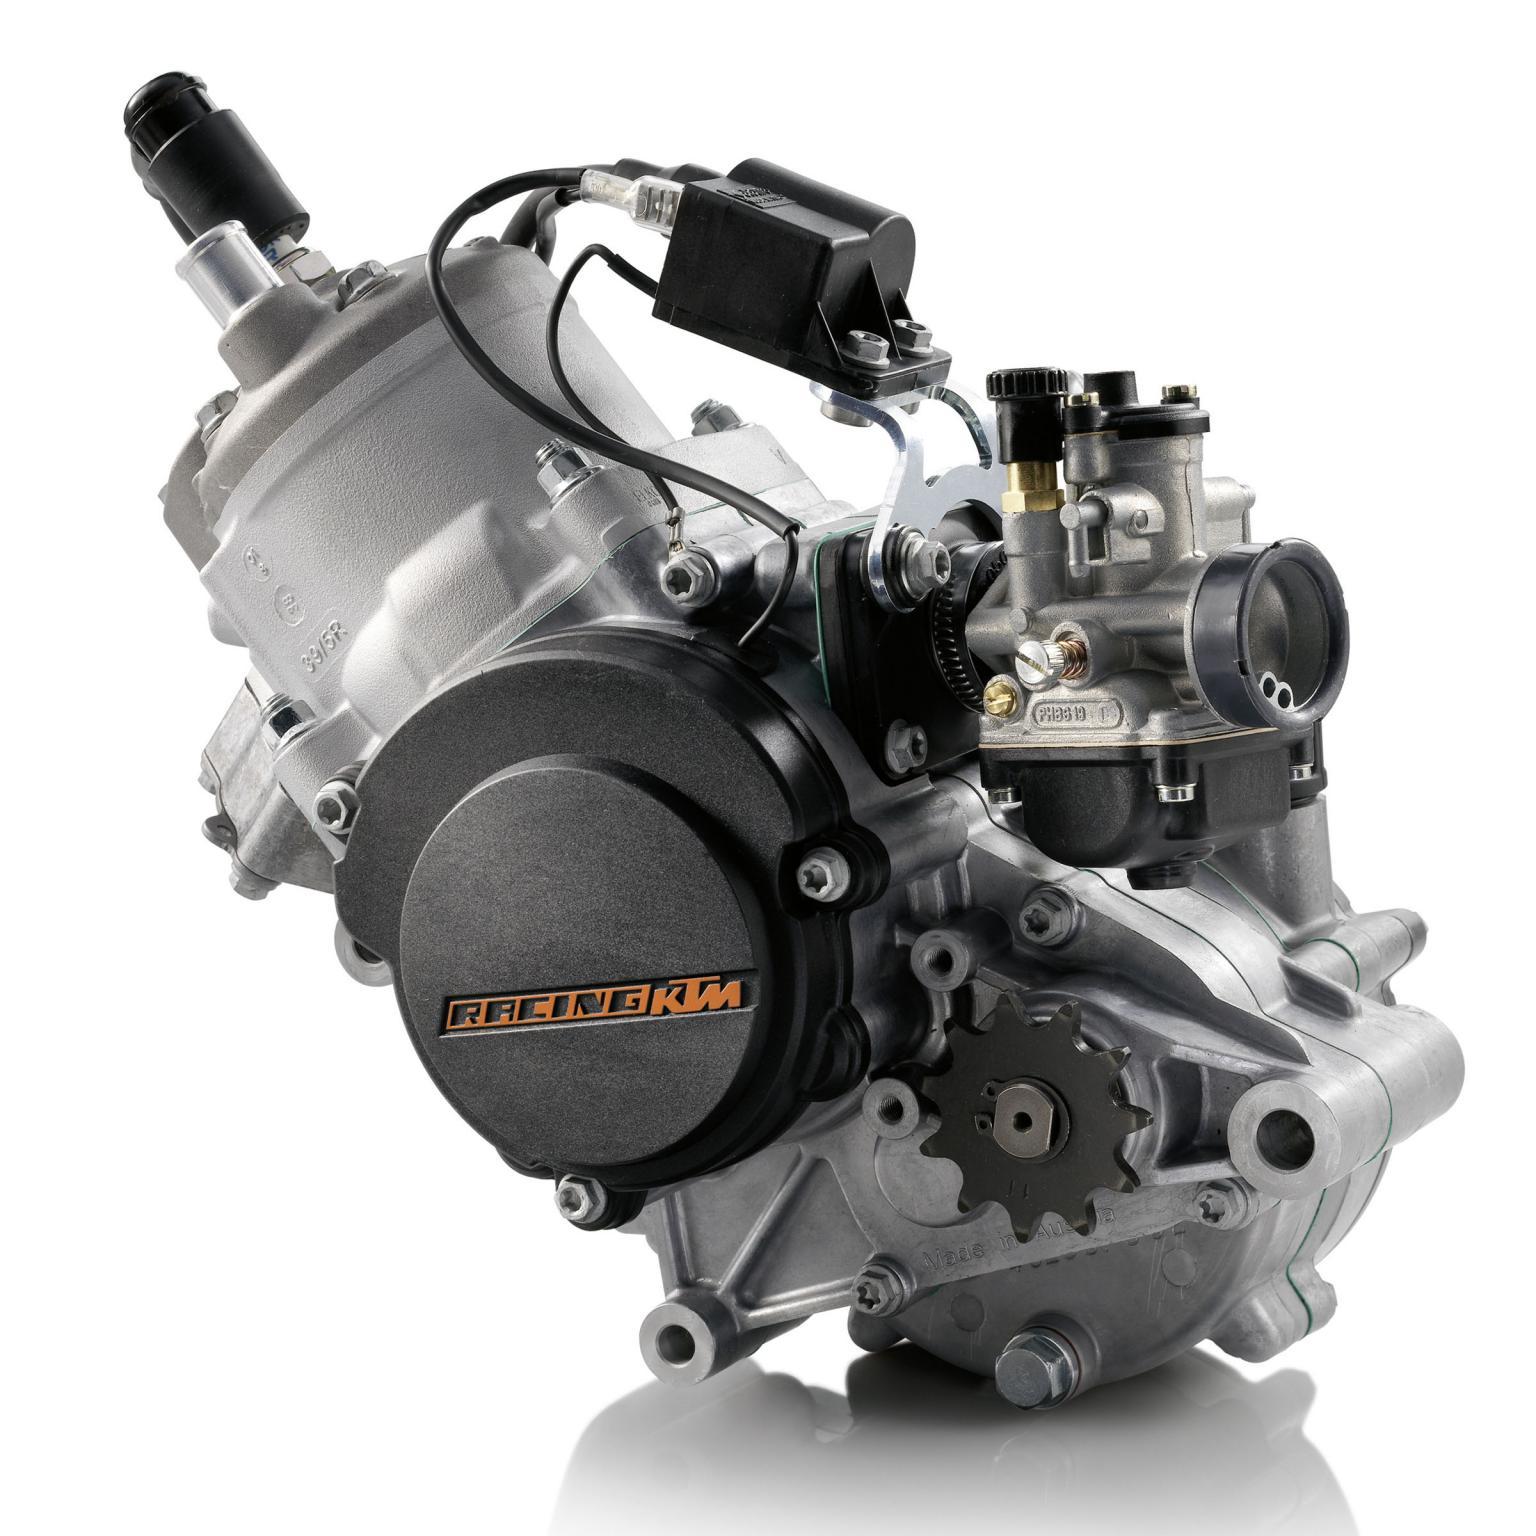 Yamaha Racing Engines